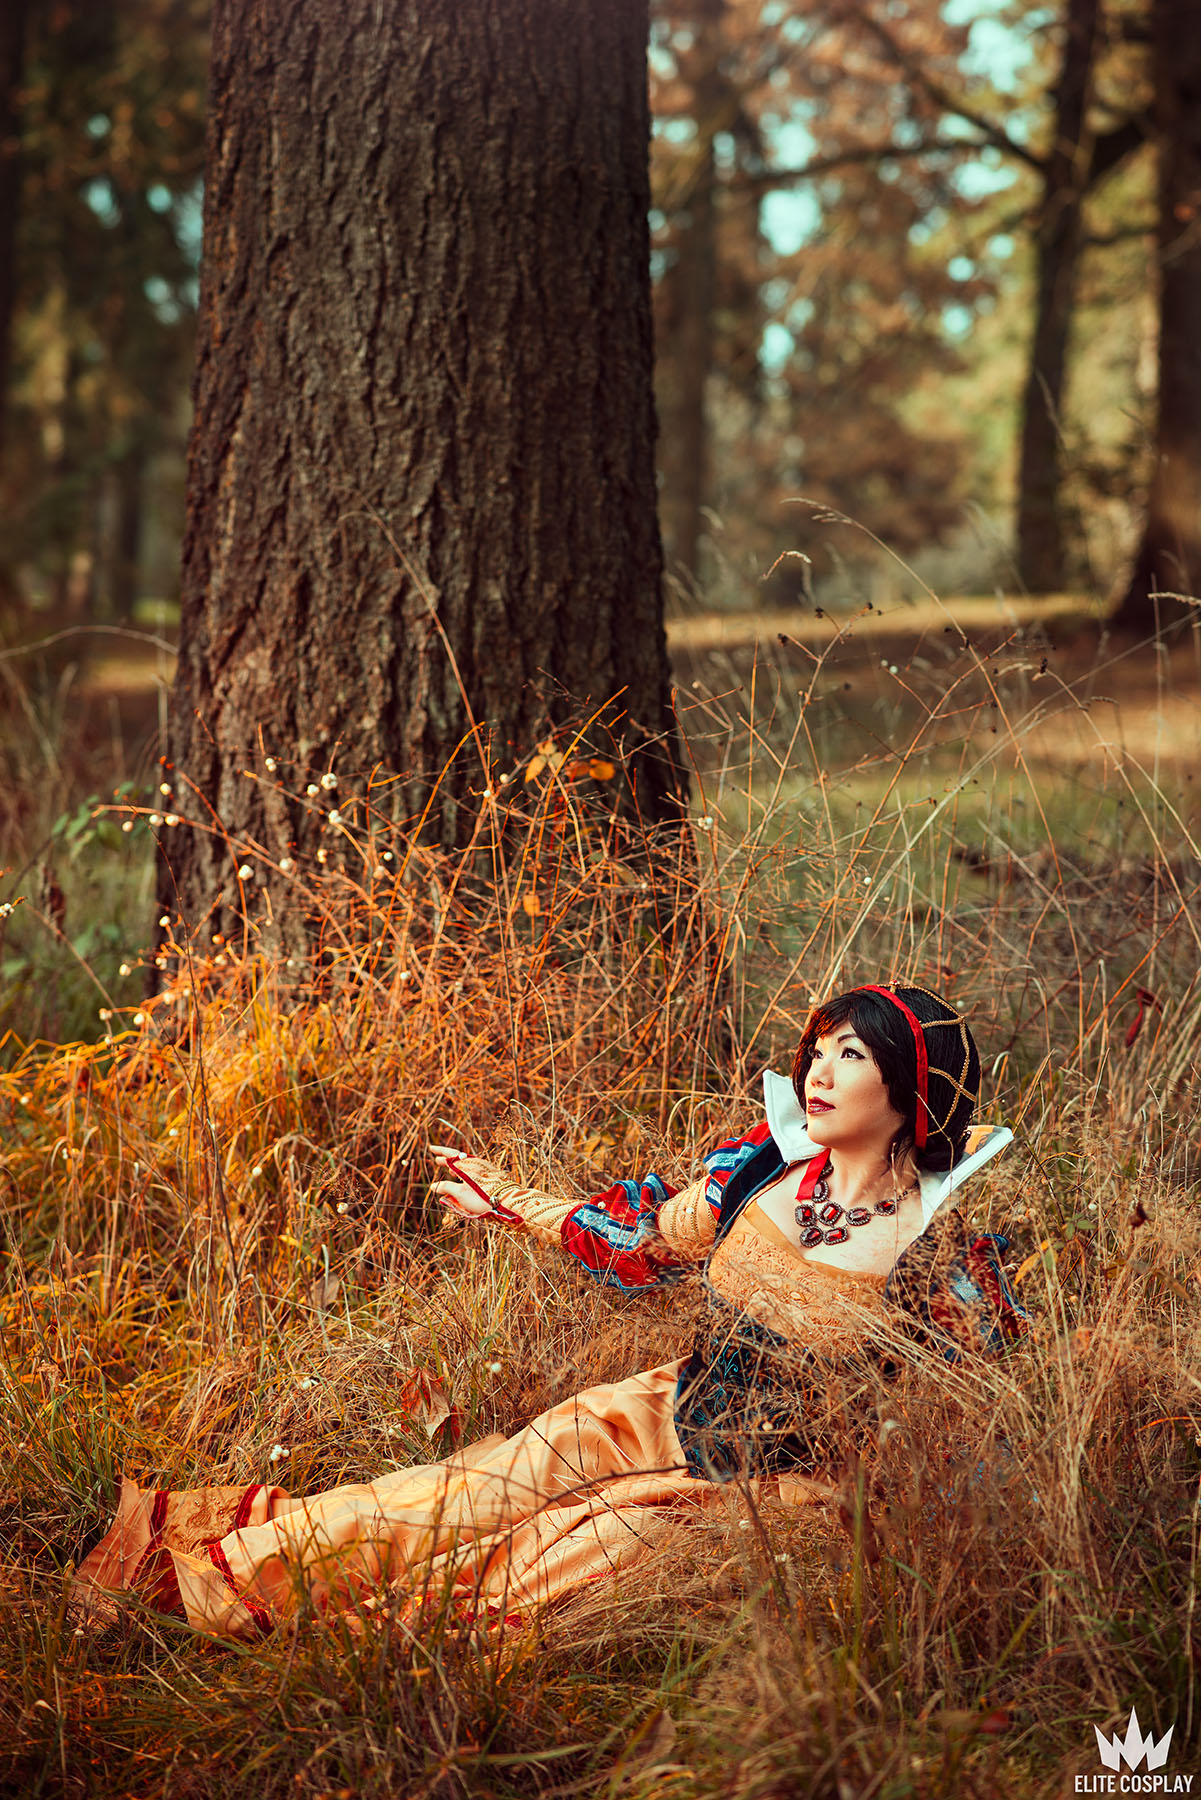 Snow White Photoshoot - Elite Cosplay